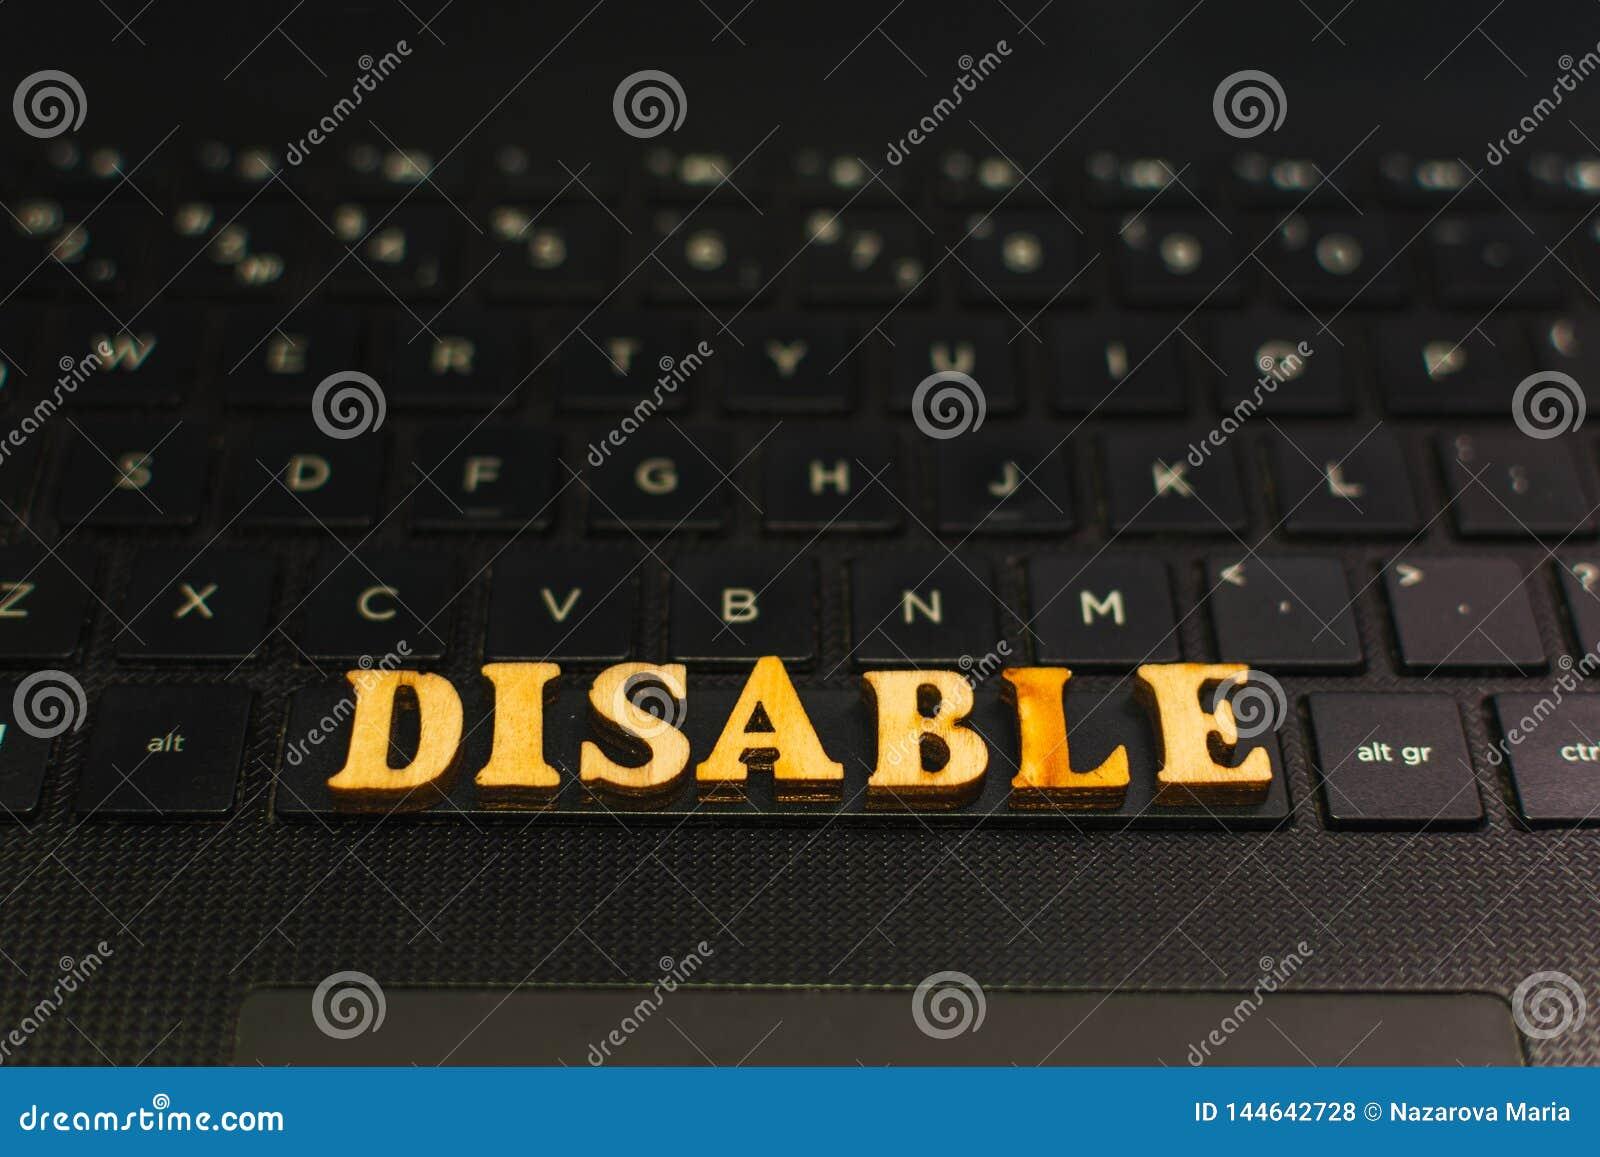 ΘΕΣΤΕ ΕΚΤΌΣ ΛΕΙΤΟΥΡΓΊΑΣ τις επιστολές στο πληκτρολόγιο του lap-top